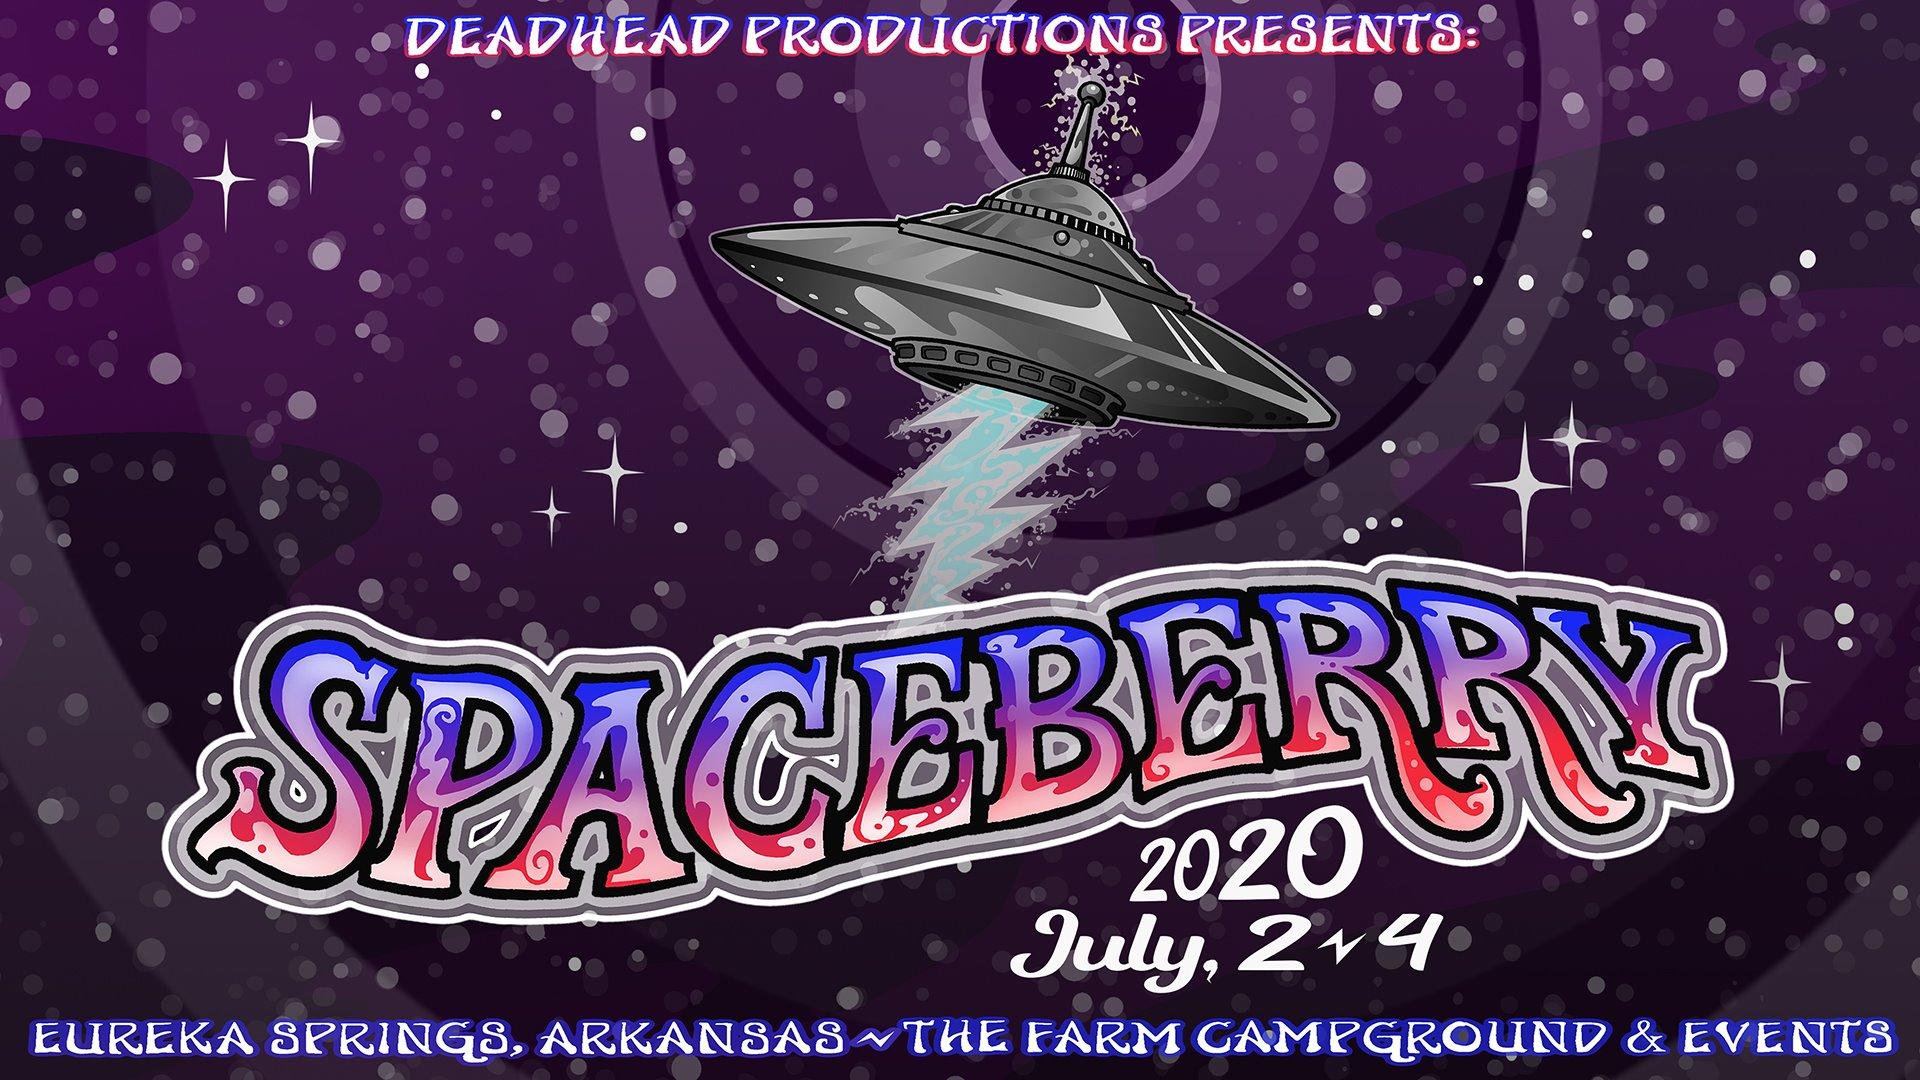 Spaceberry Music Festival   Eureka Springs Arkansas The 1920x1080